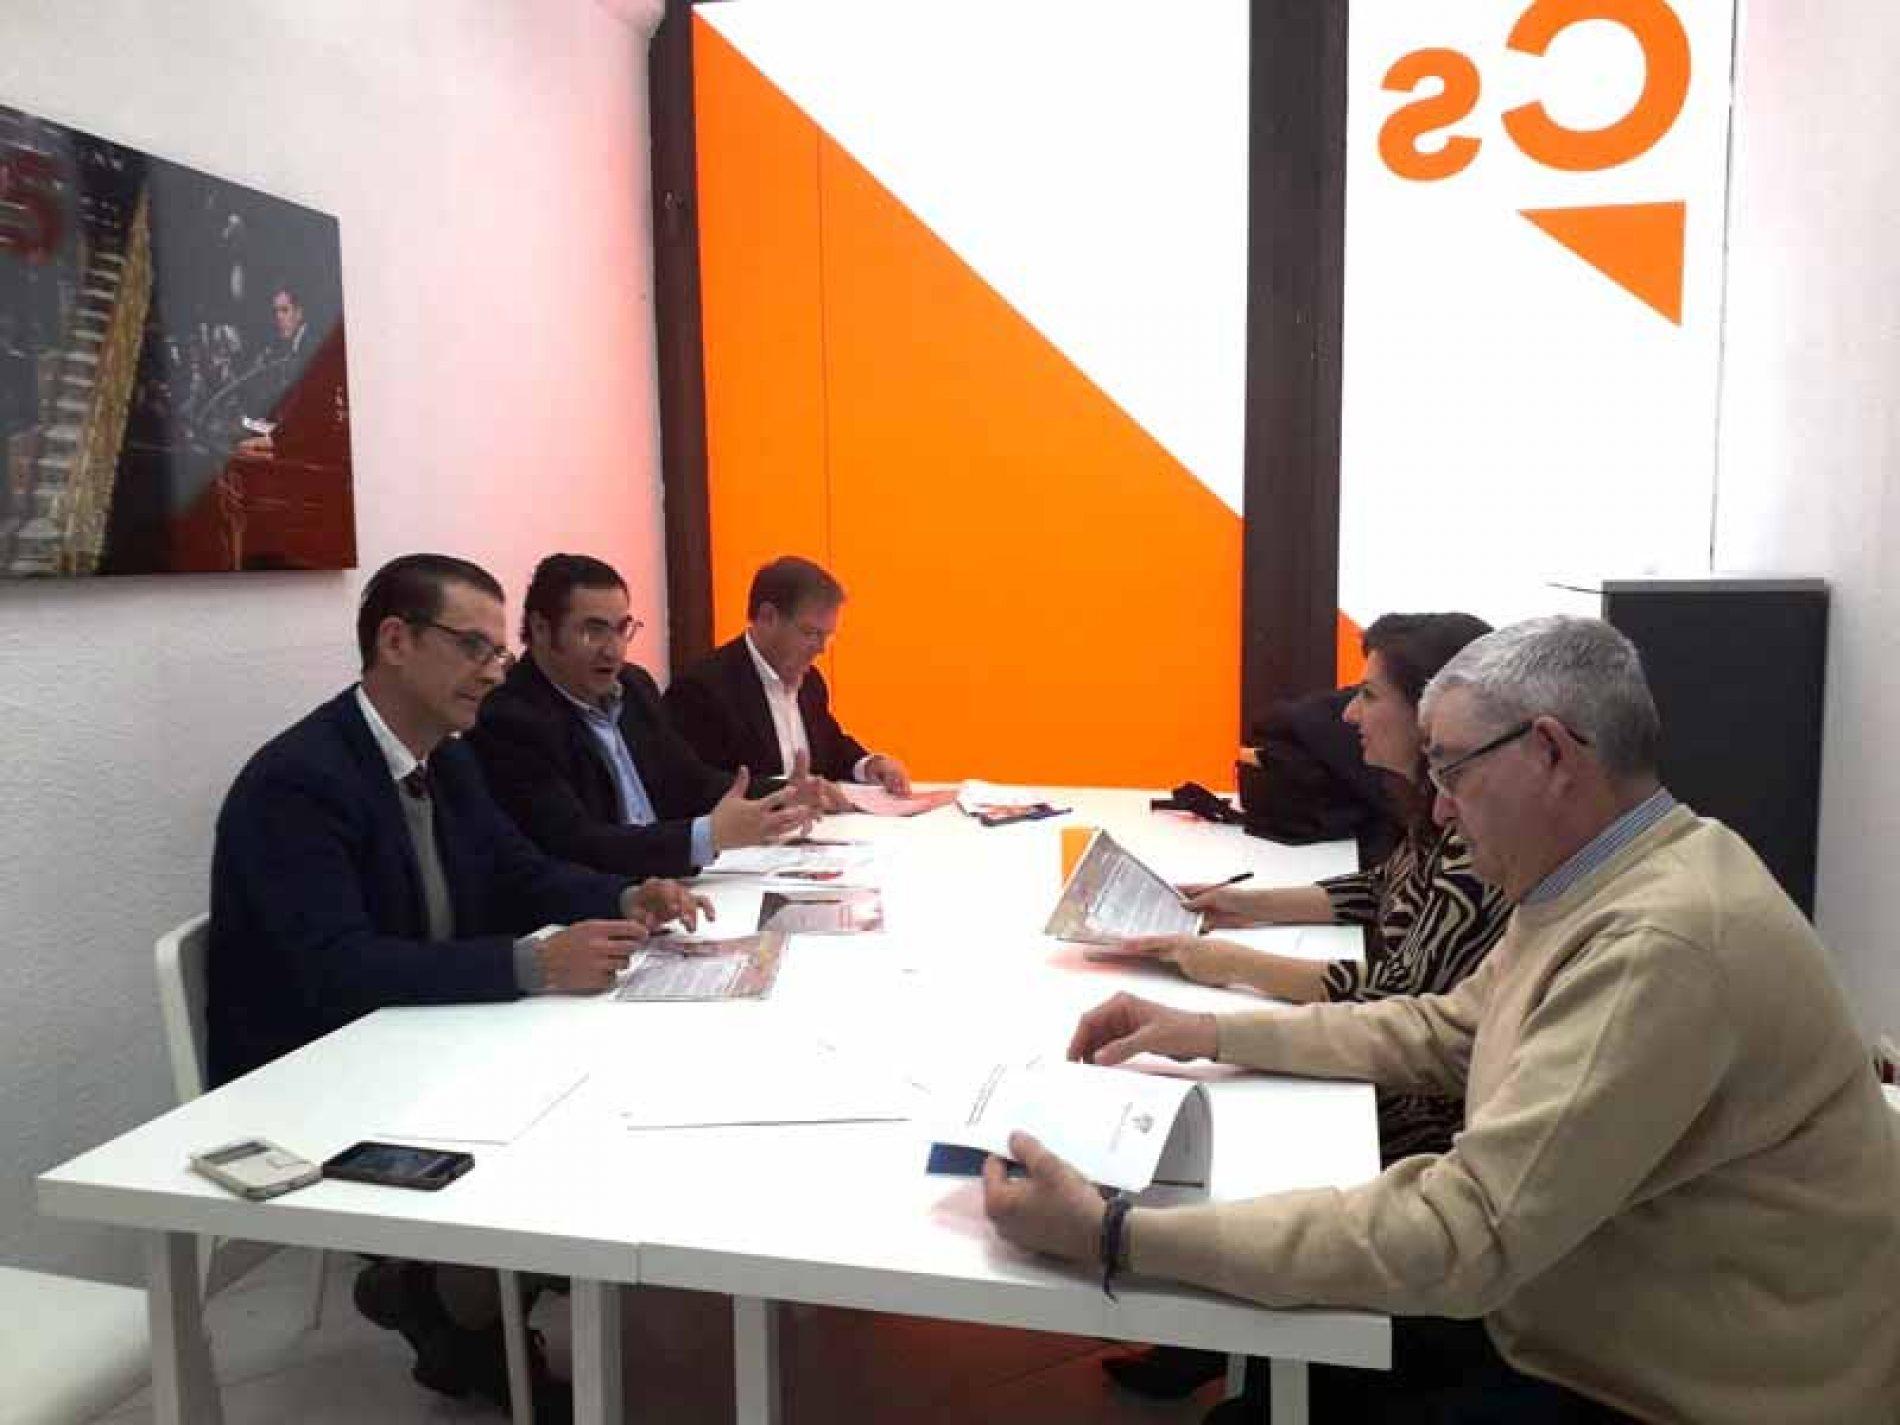 #LaCazaTambiénVota presenta sus 15 propuestas a PSOE y Ciudadanos de Castilla-La Mancha